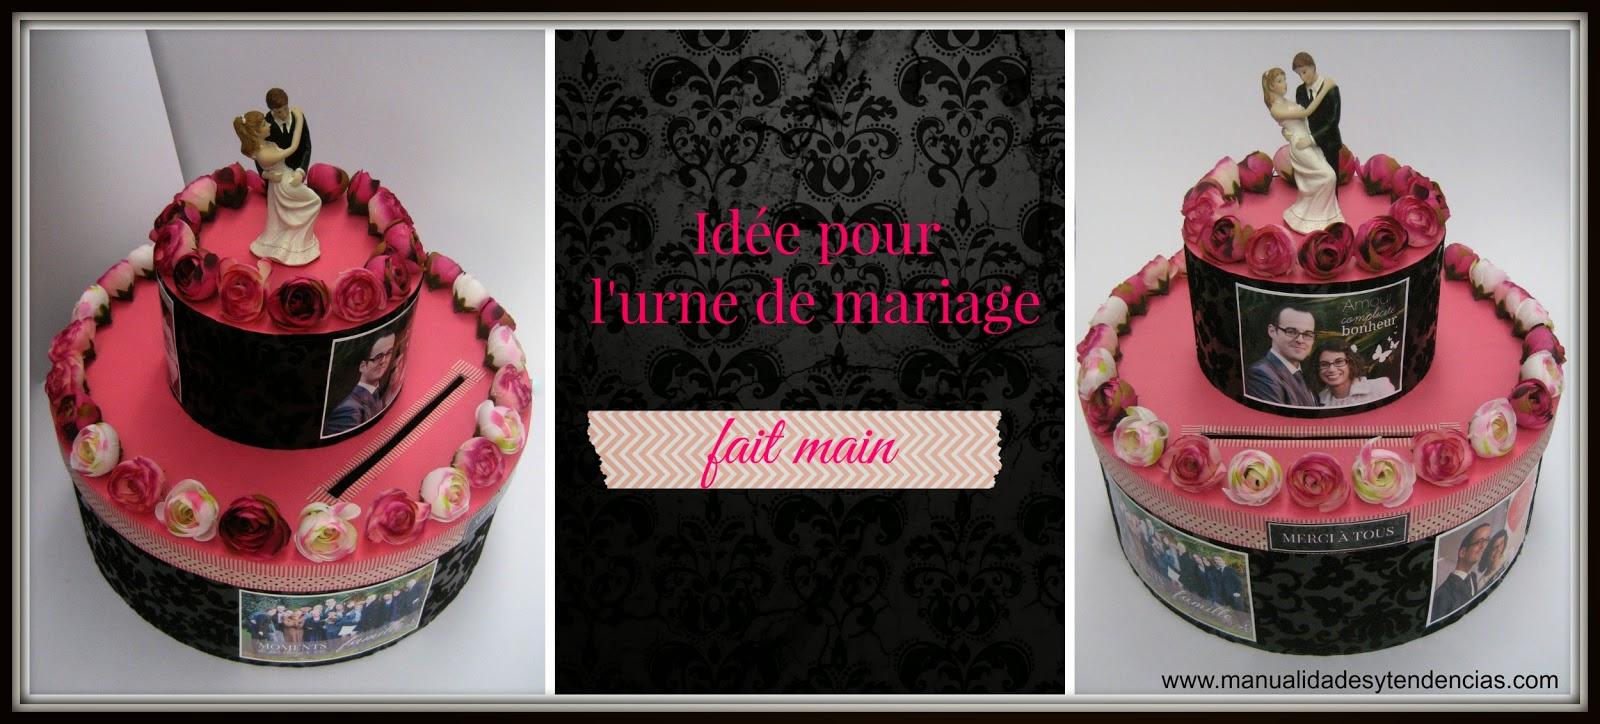 idée urne de mariage fait main